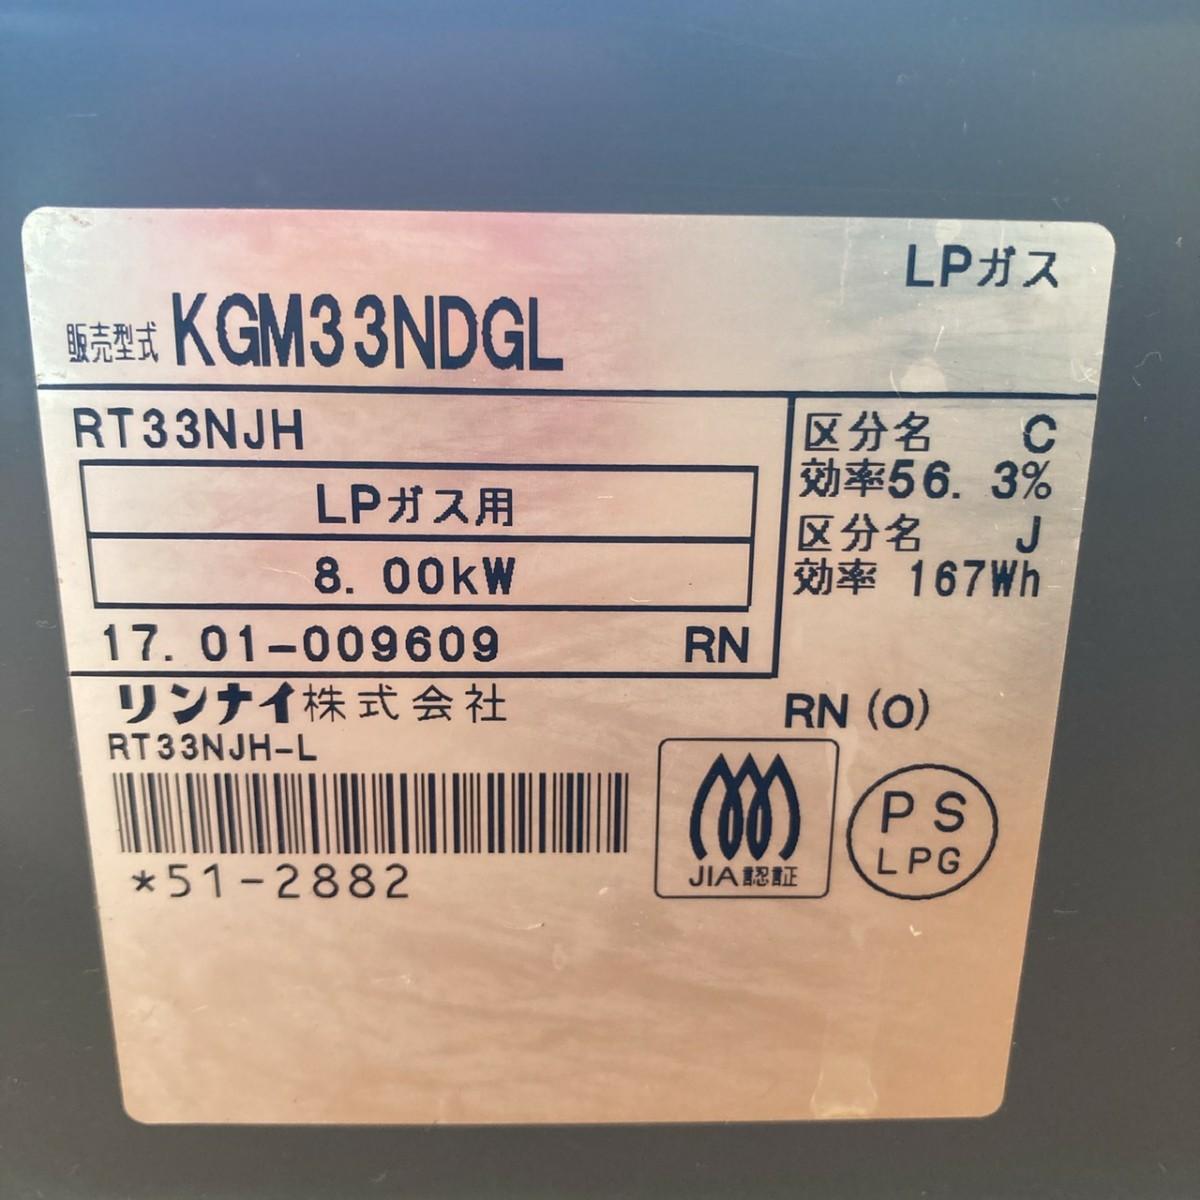 526 単品購入NG 最新ガスコンロ LPガス